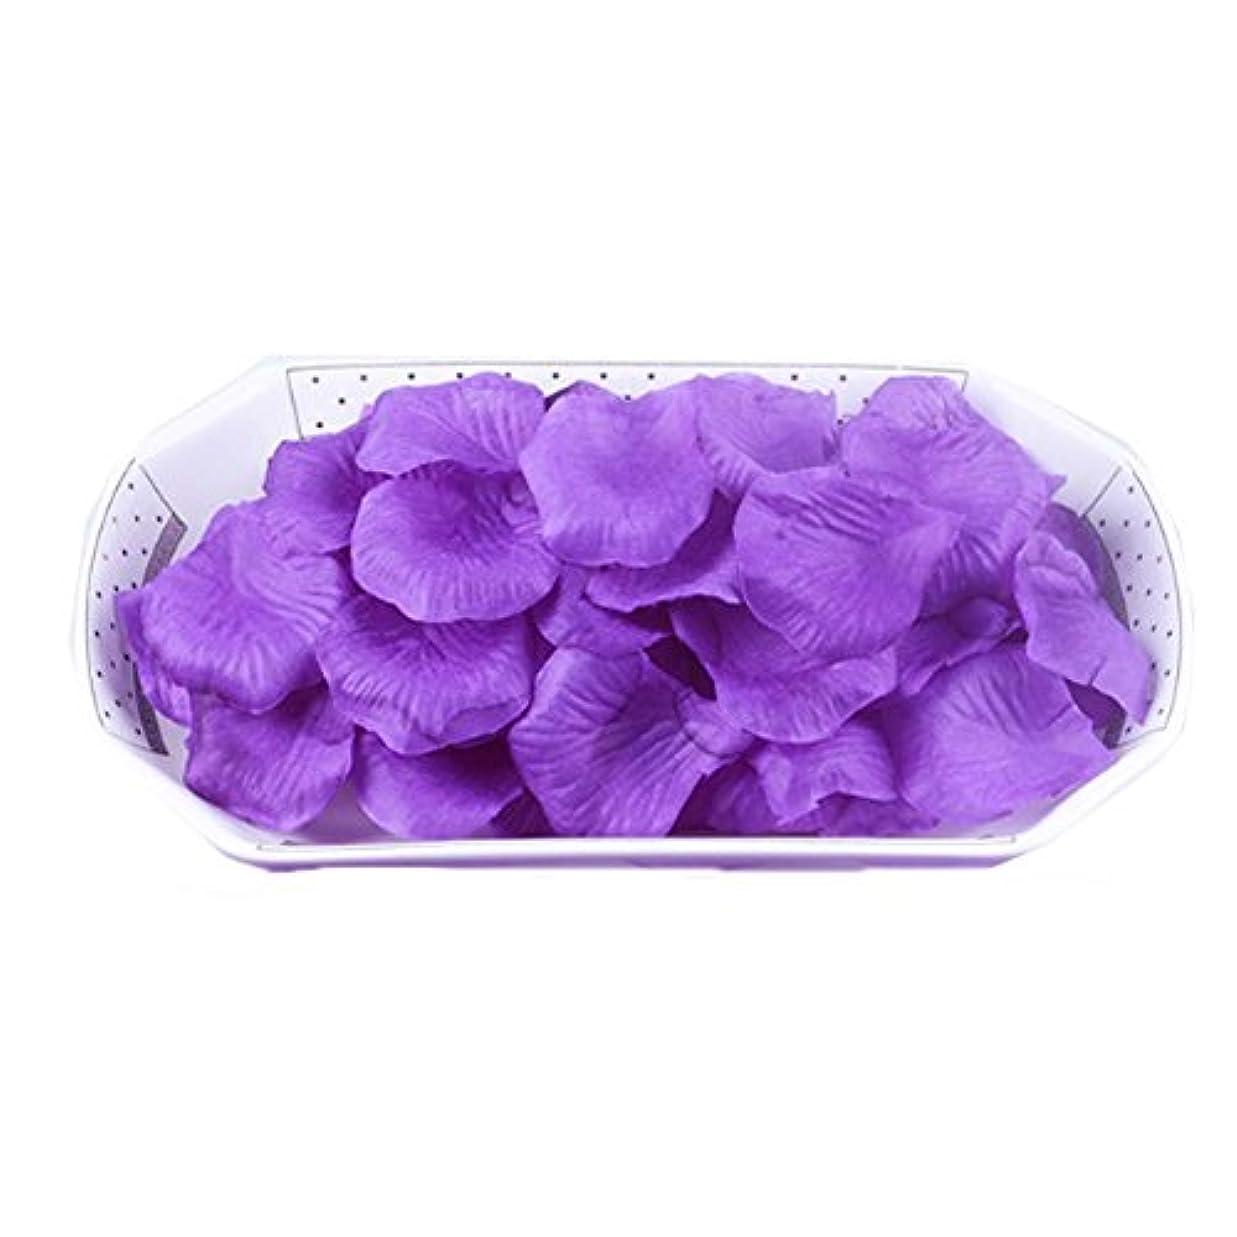 露権限ボート結婚式の装飾のための人工花の花びら紫2000 PC